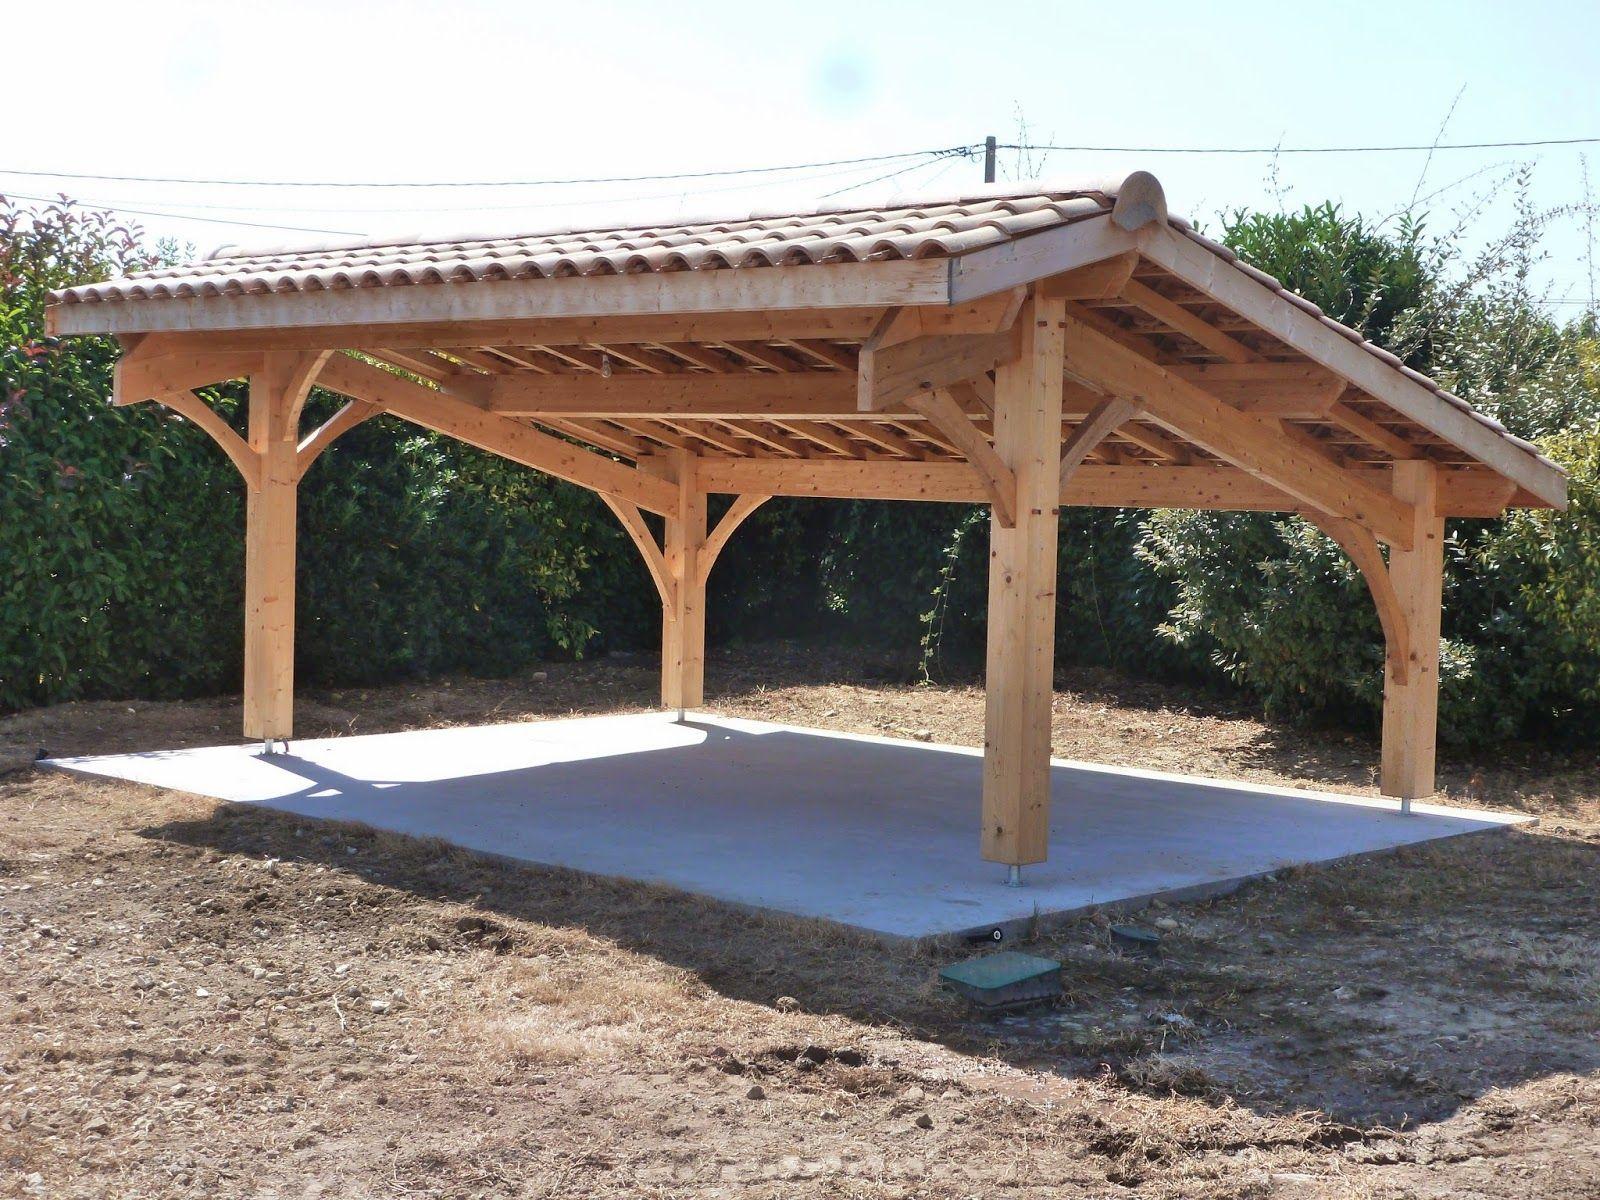 Abris De Jardin Bois / Carport Voitures Bois / Garage Bois ... intérieur Abris A Bois